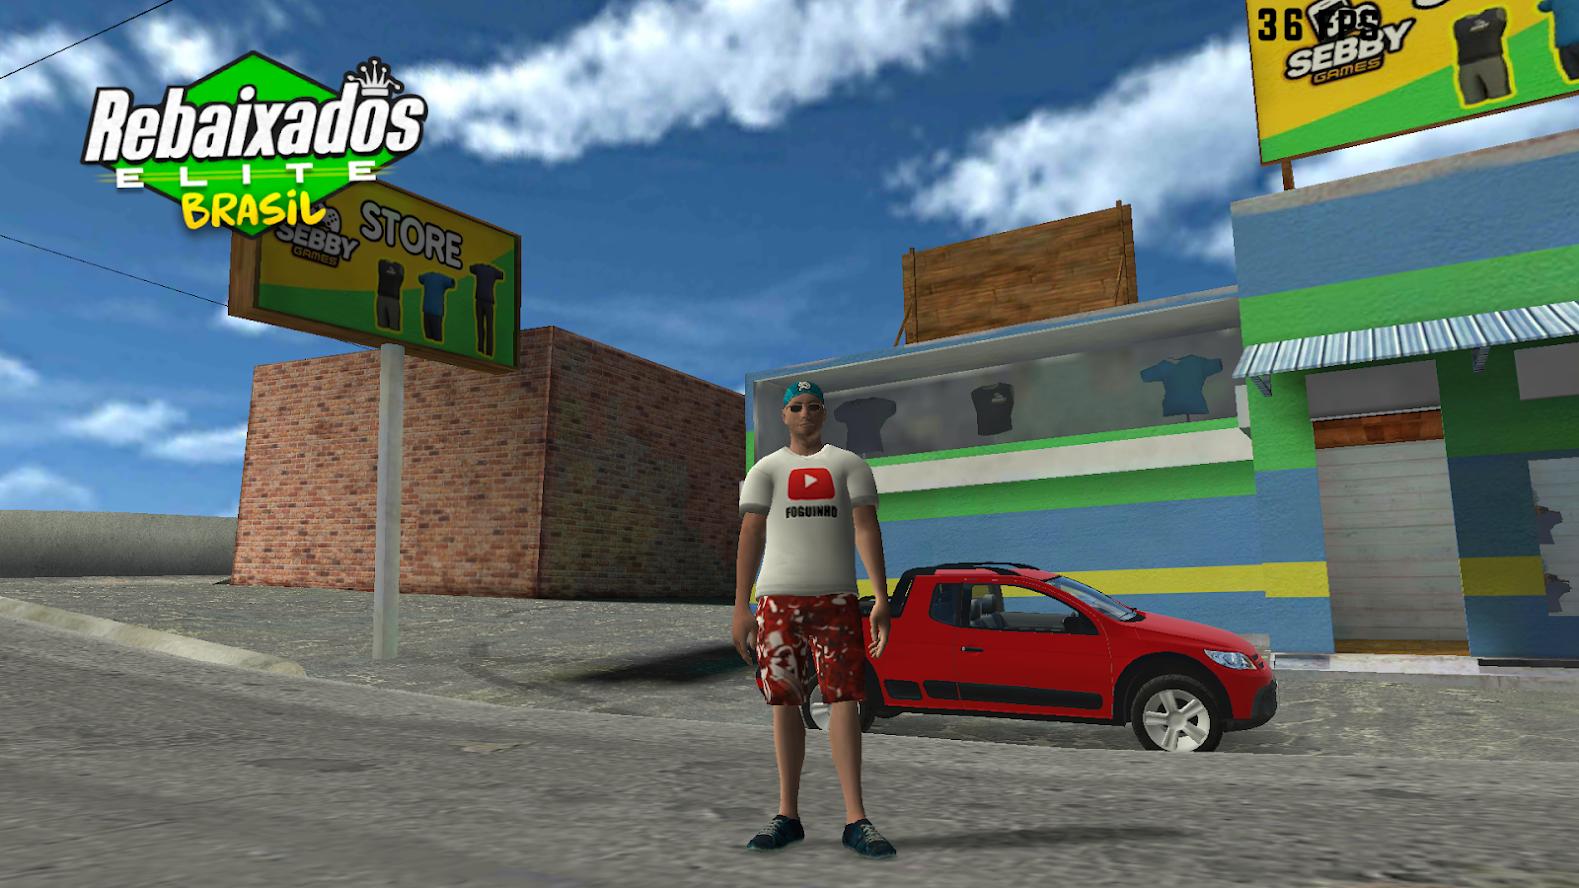 SAIU! Atualização Rebaixados Elite Brasil: 10 novas features para o game! (Download)